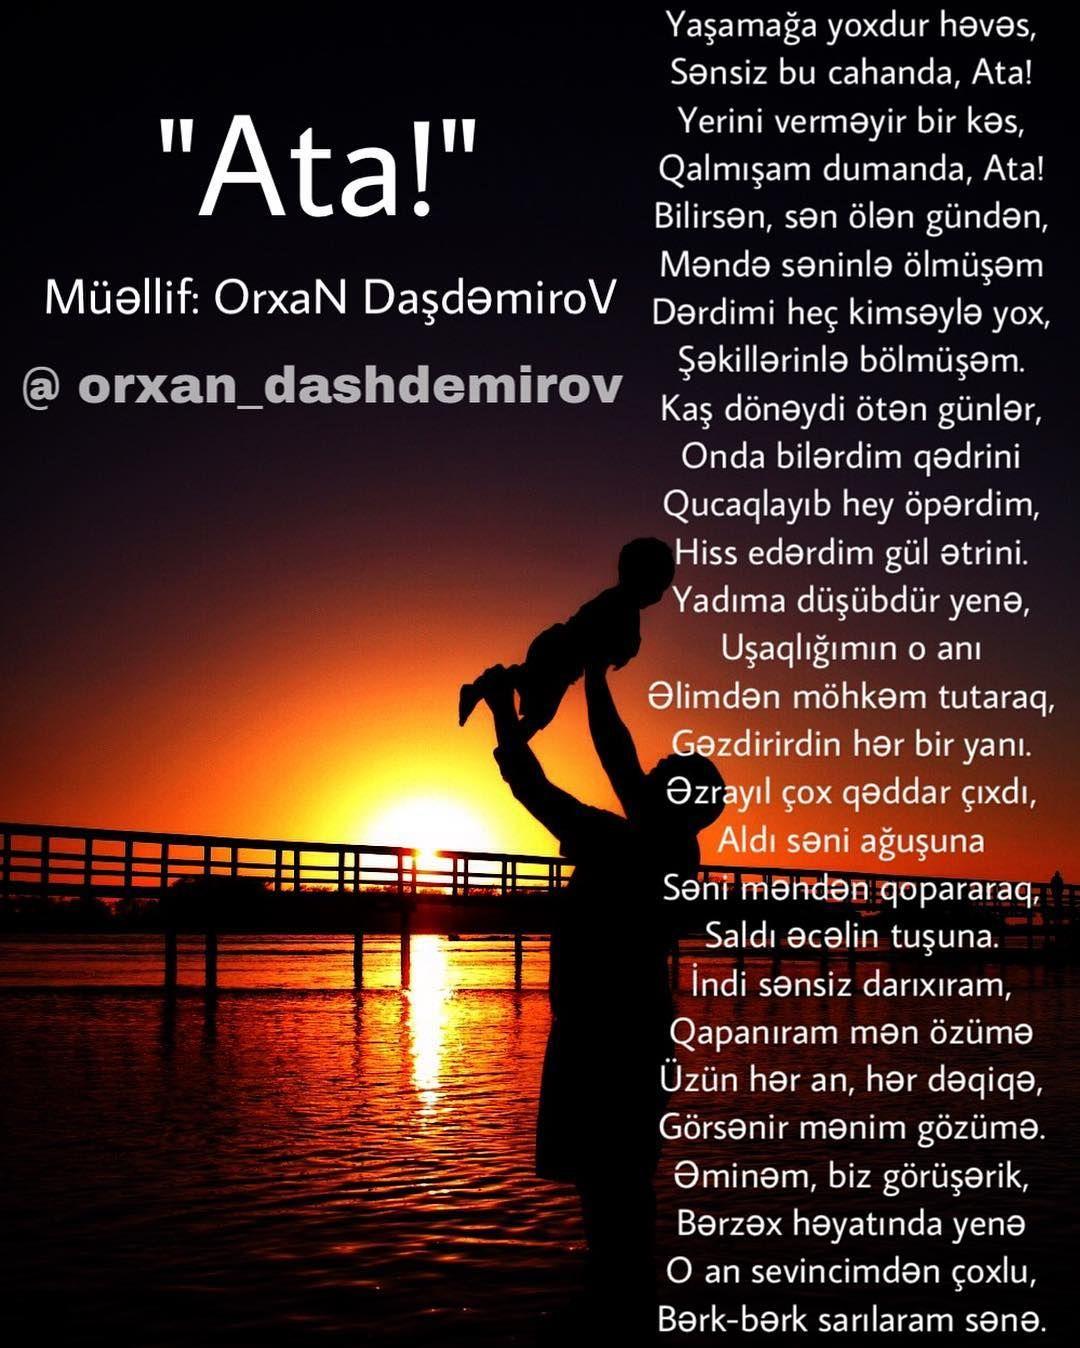 Na Dannom Izobrazhenii Mozhet Nahoditsya Odin Ili Neskolko Chelovek Tekst Voda I Na Ulice Movie Posters Instagram Poster